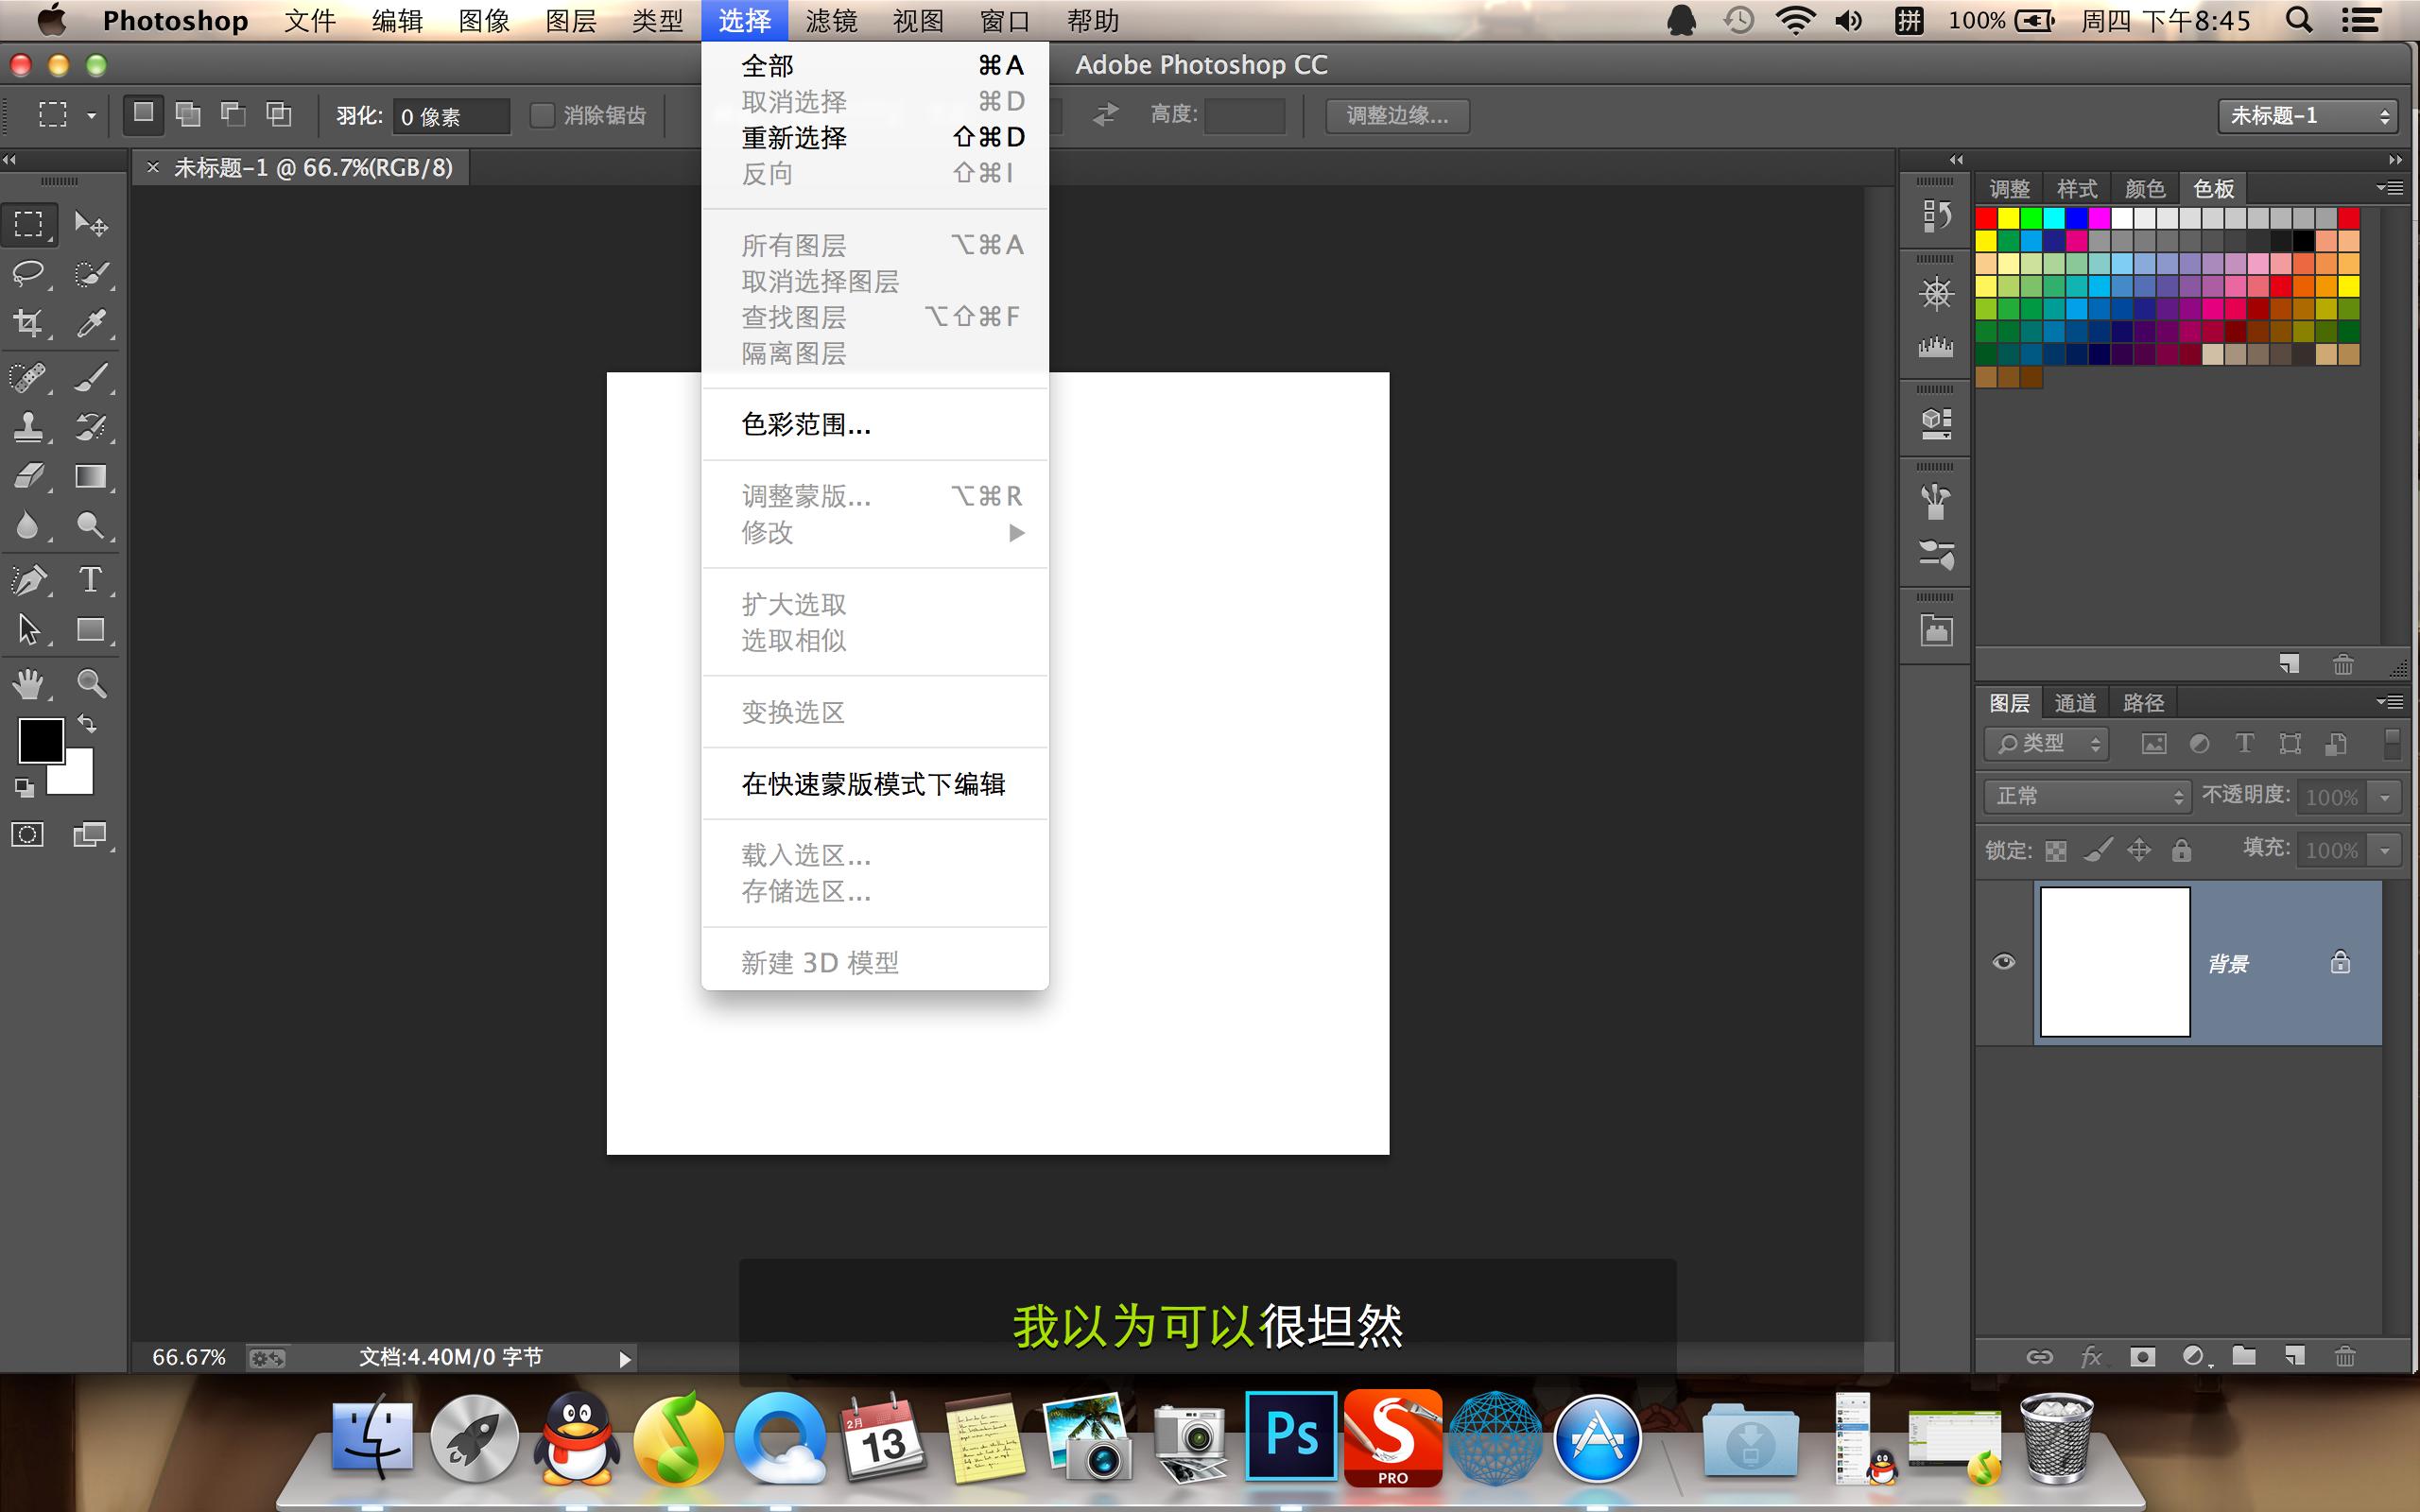 mac系统里面photoshop cc怎么使用3d建模?